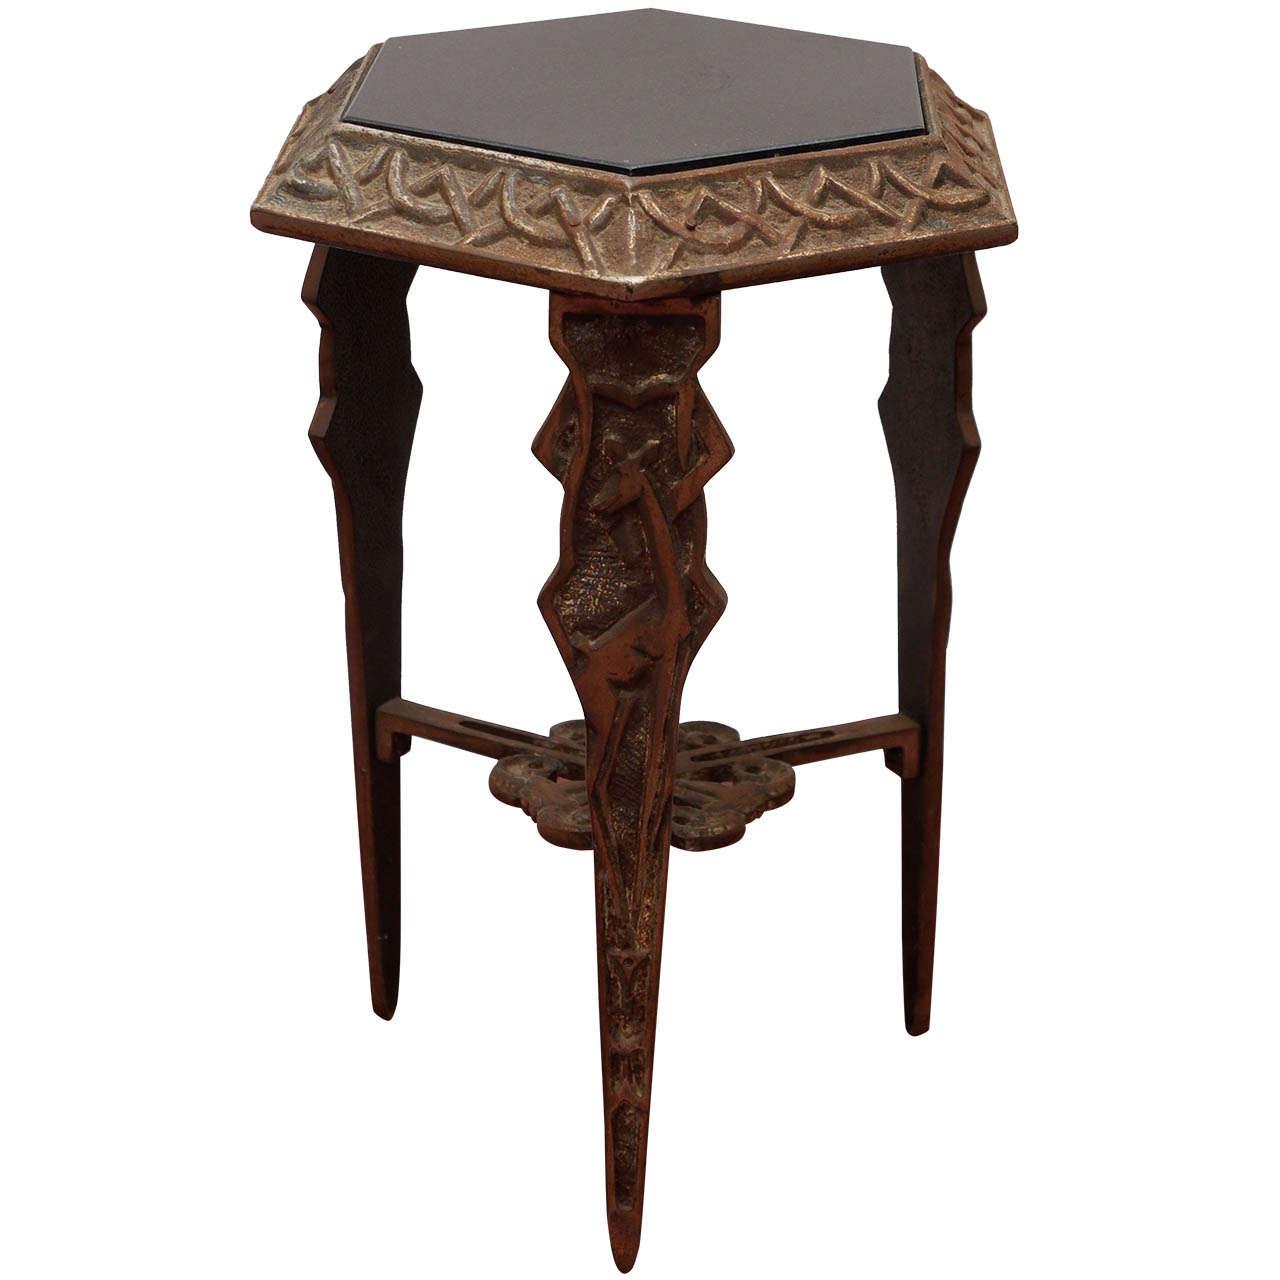 art deco metal black stone side table for sale at 1stdibs. Black Bedroom Furniture Sets. Home Design Ideas